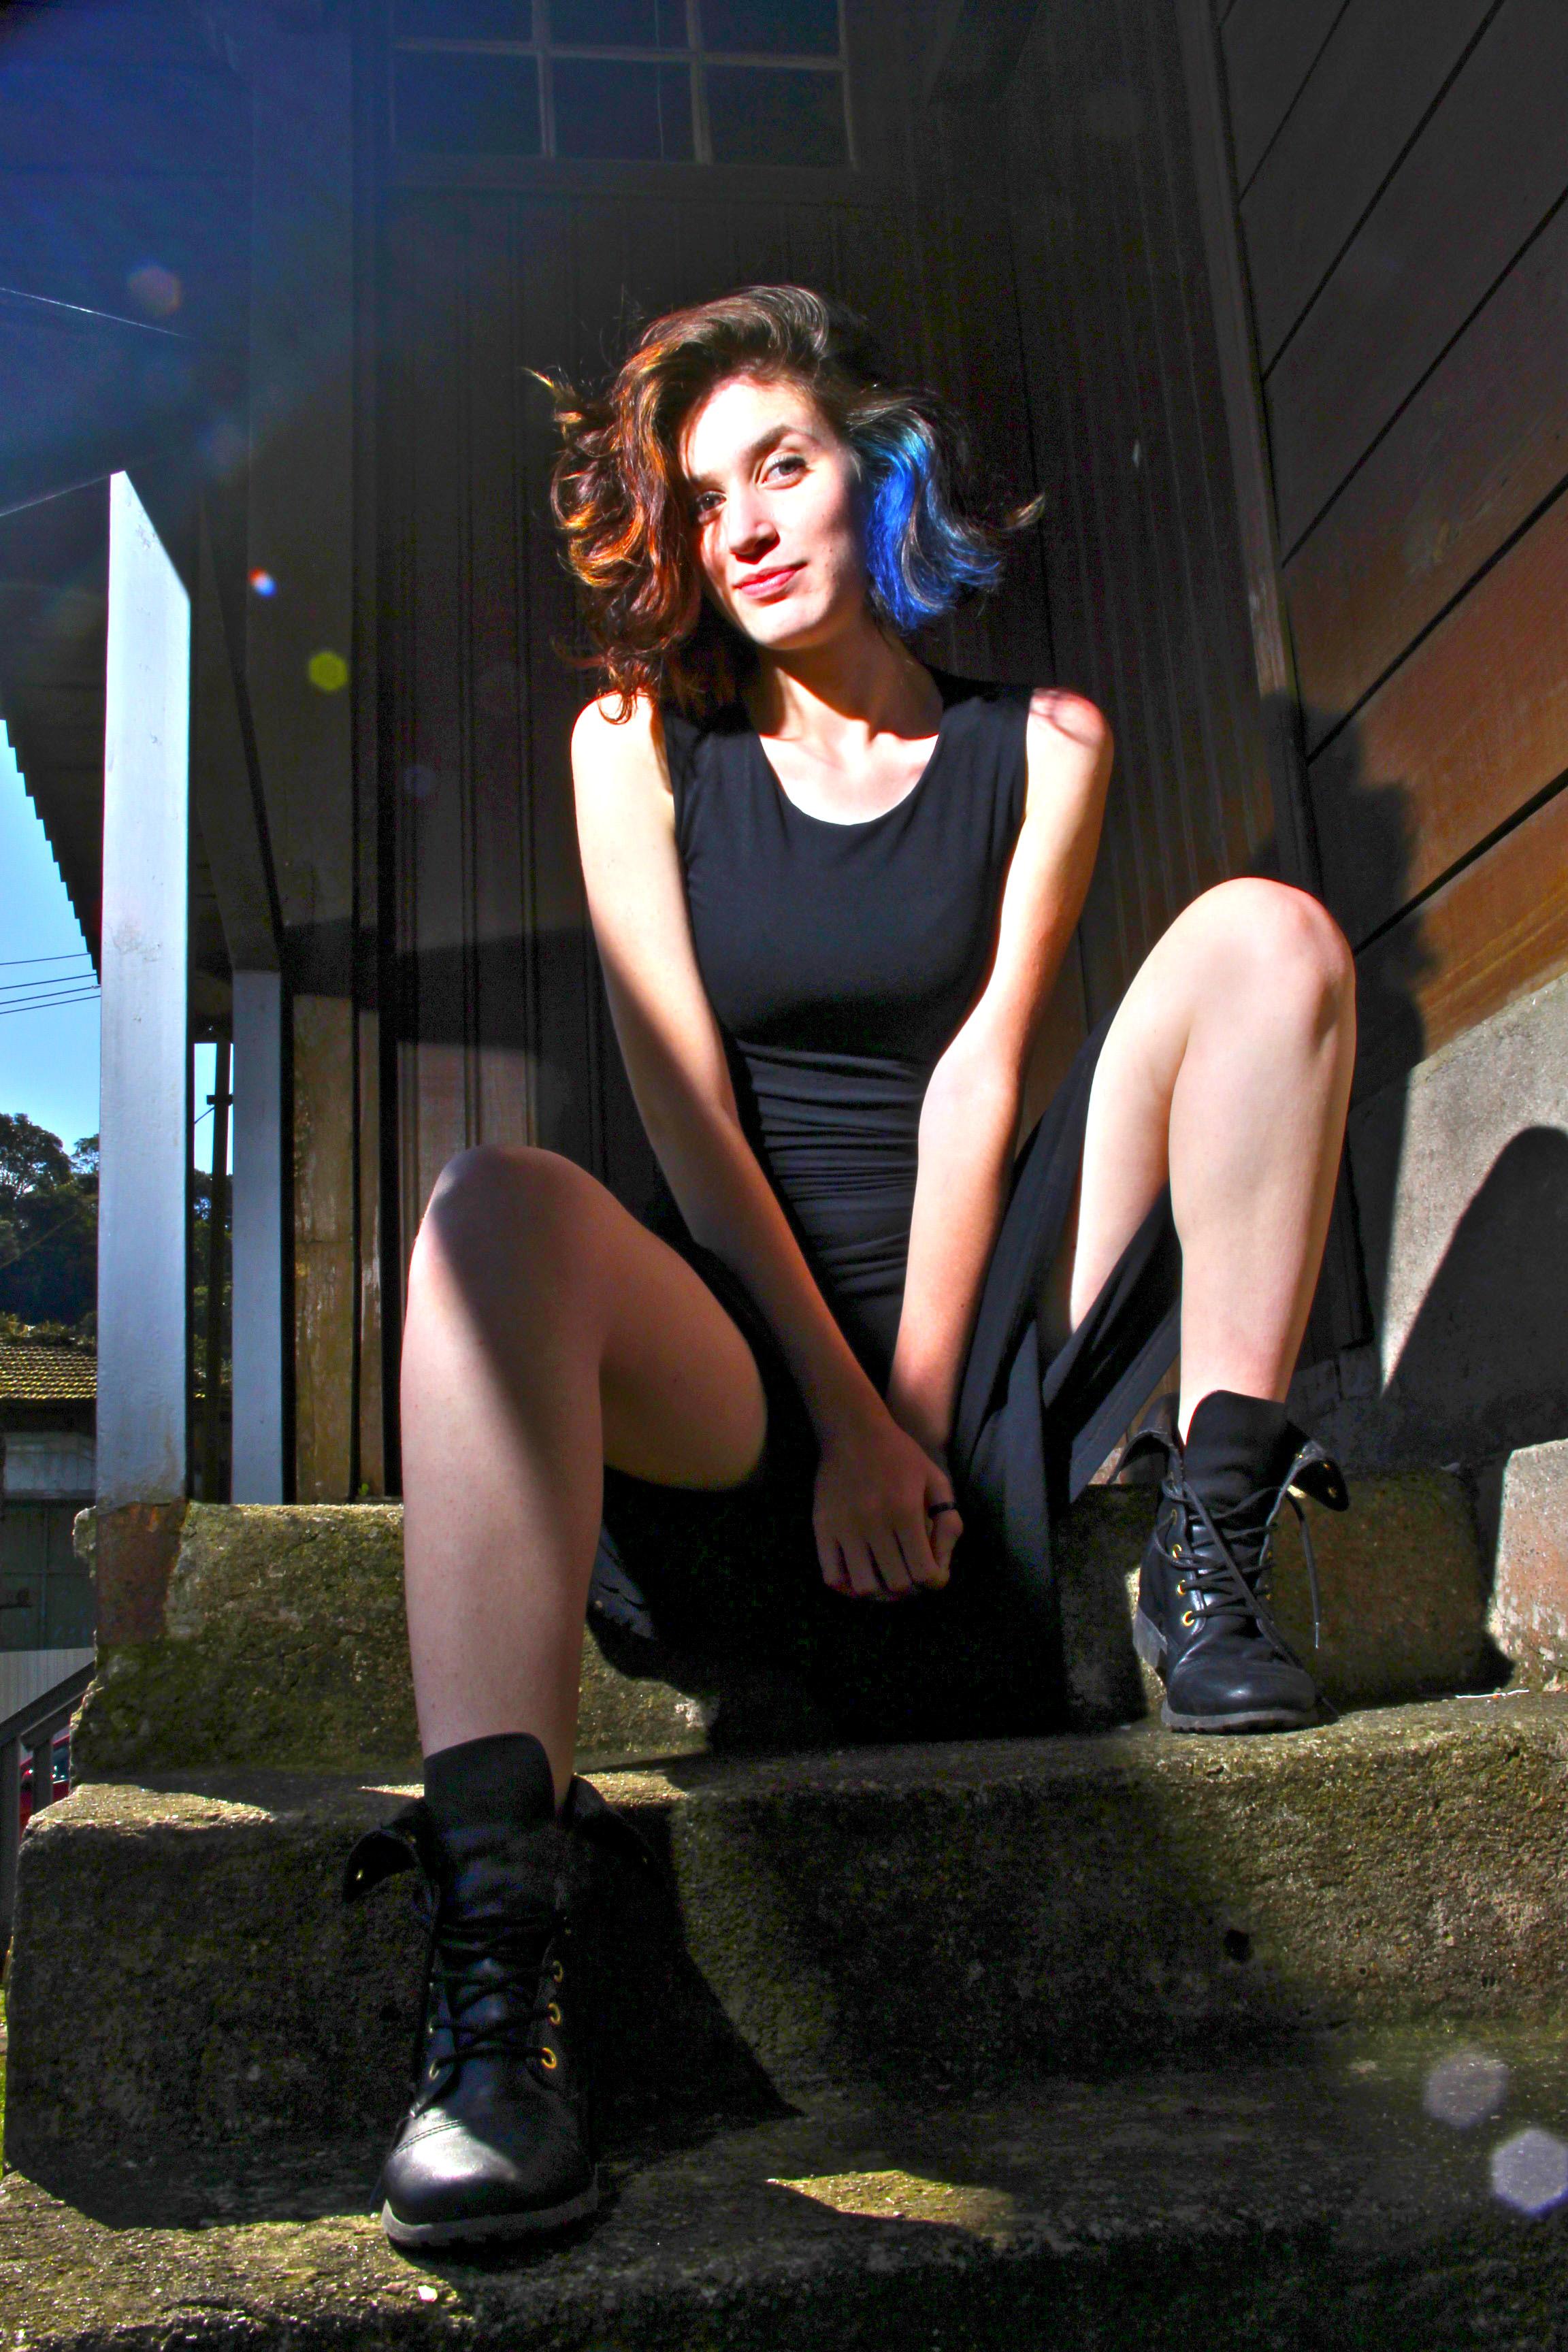 Μαύρο καλσόν σεξ φωτογραφίες